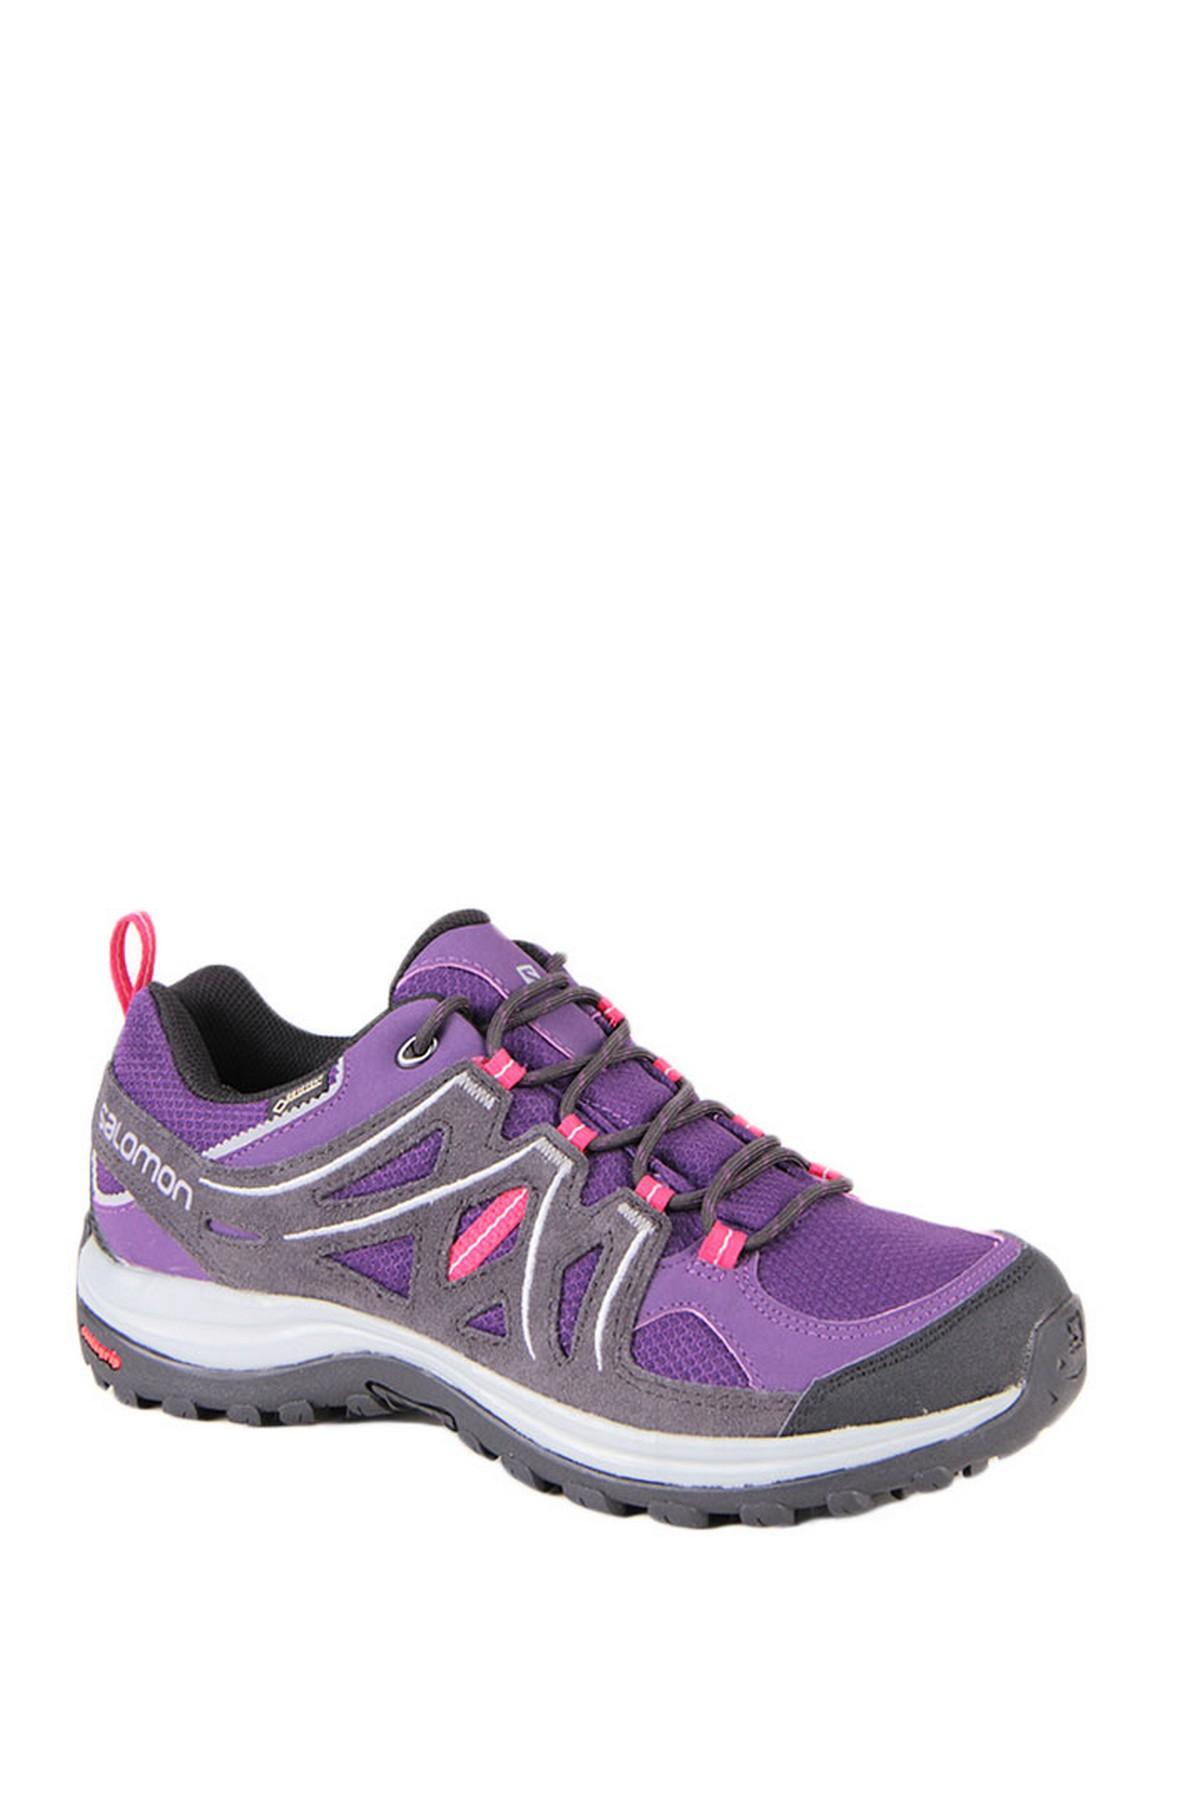 Salomon Ellipse 2 GTX Outdoor Kadın Ayakkabı Mor (L37920200)